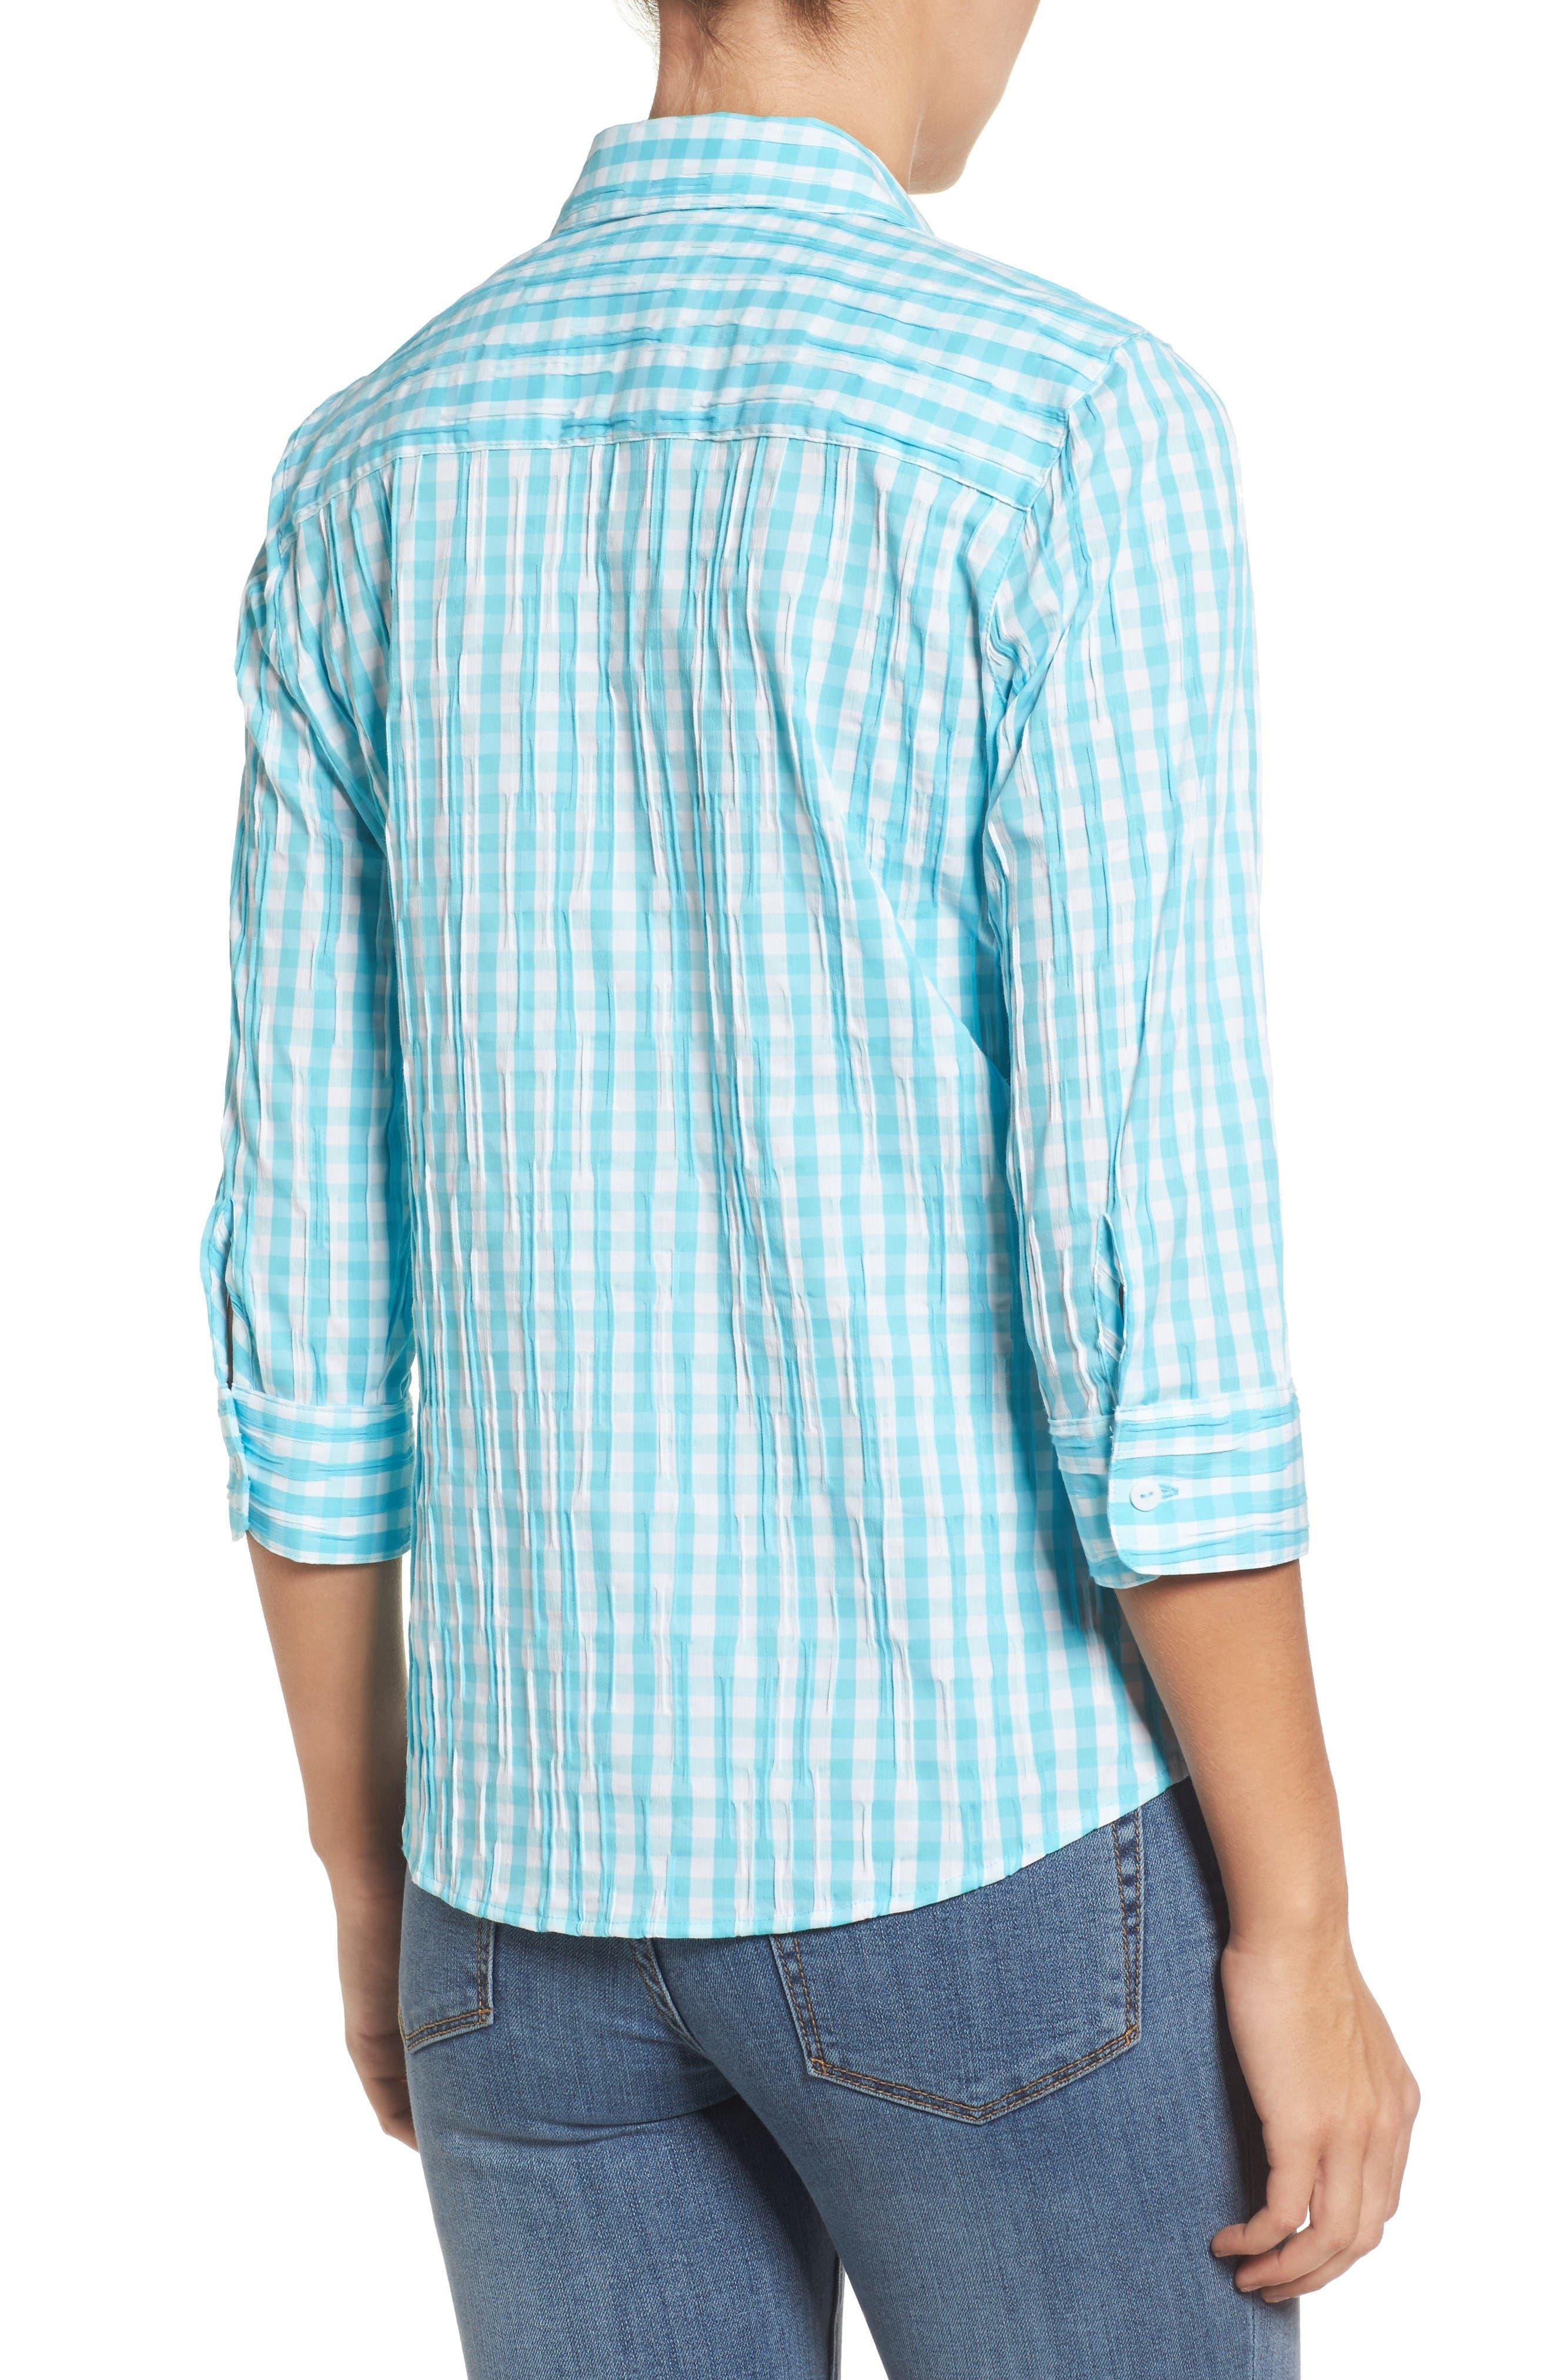 Alternate Image 2  - Foxcroft Crinkled Gingham Shirt (Regular & Petite)